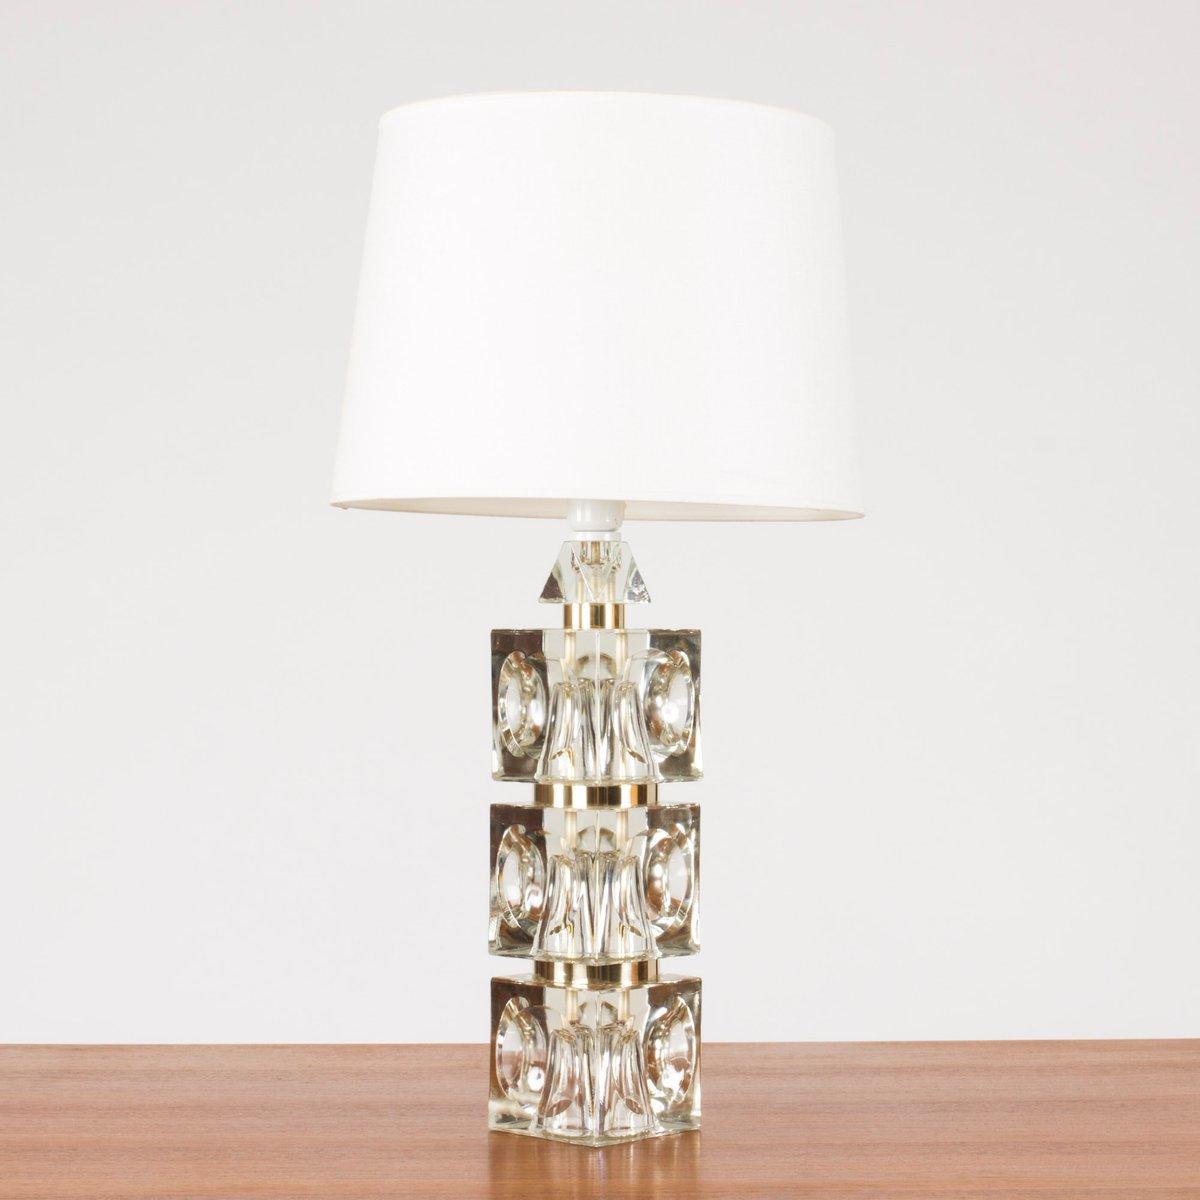 Schön Tischlampe Glasfuß Ideen Von 1.250,00 €